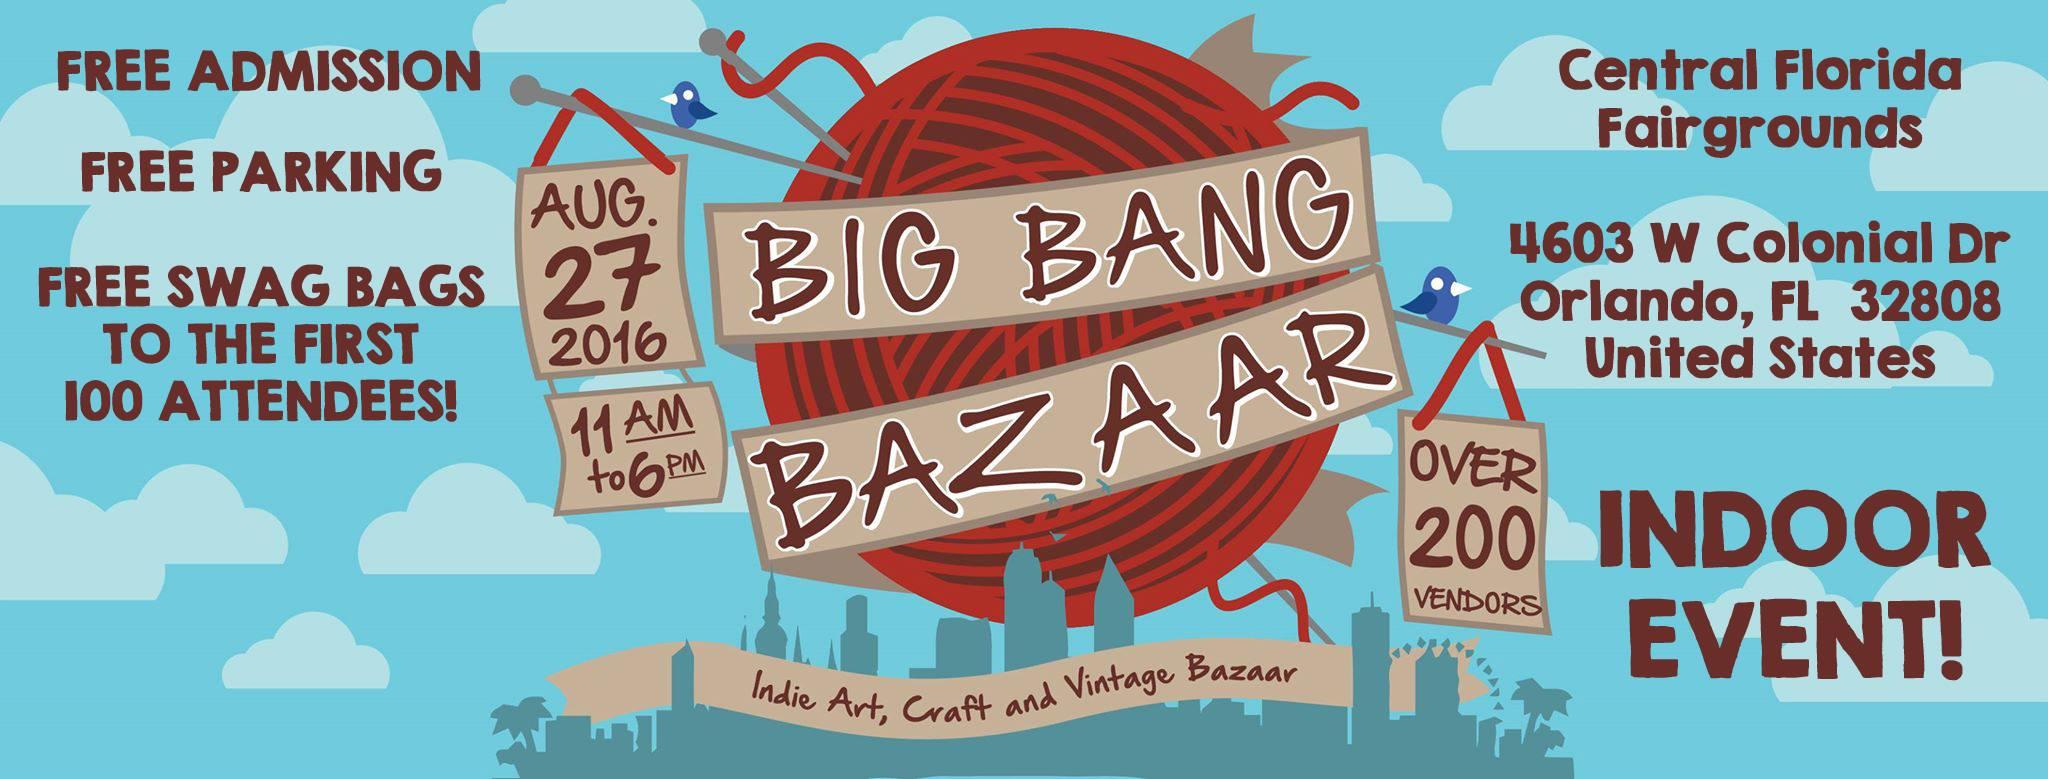 Big Bang Bazaar